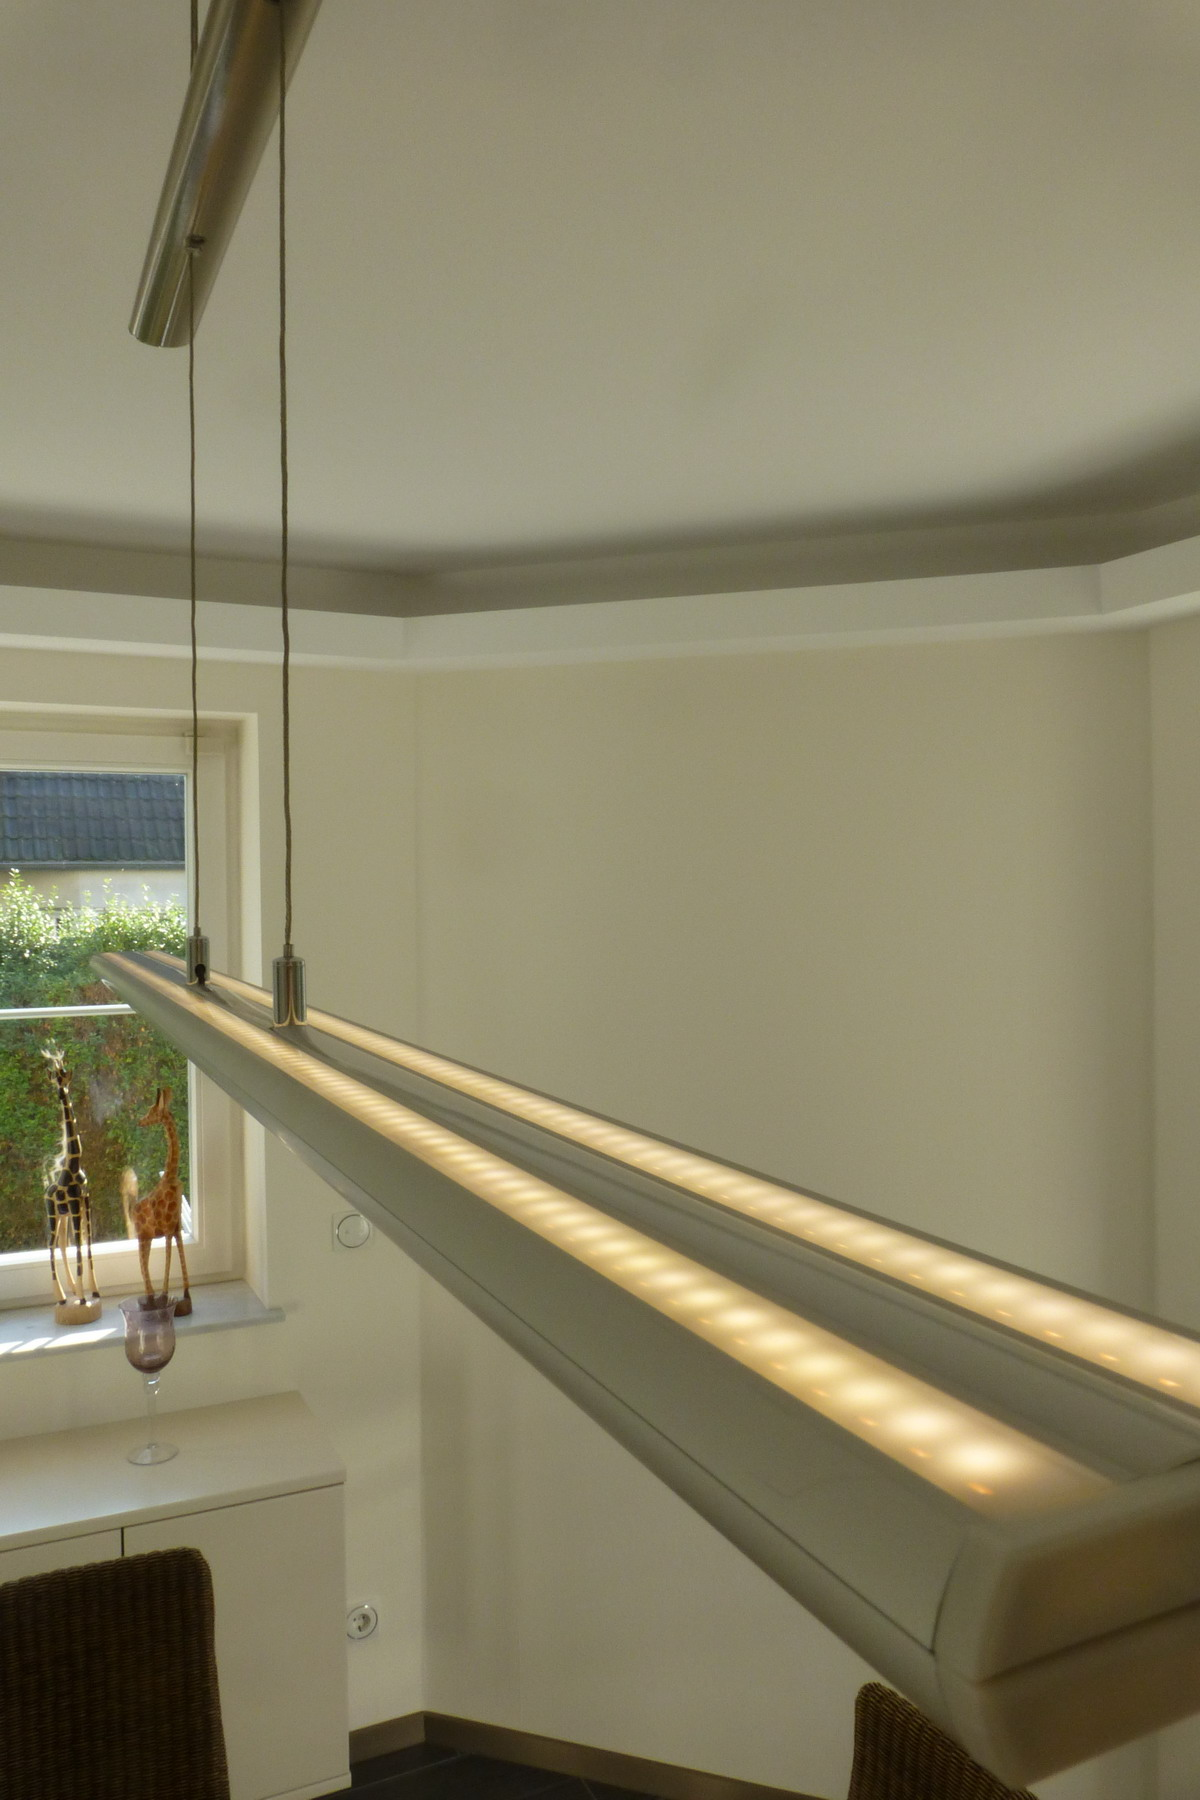 Full Size of Esstisch 2m Diy Led Wohnzimmer Leuchte Lampen Grau 120x80 Skandinavisch Shabby Ausziehbarer 160 Ausziehbar Rustikal Holz Massiv Rund Mit Stühlen Massivholz Esstische Esstisch 2m